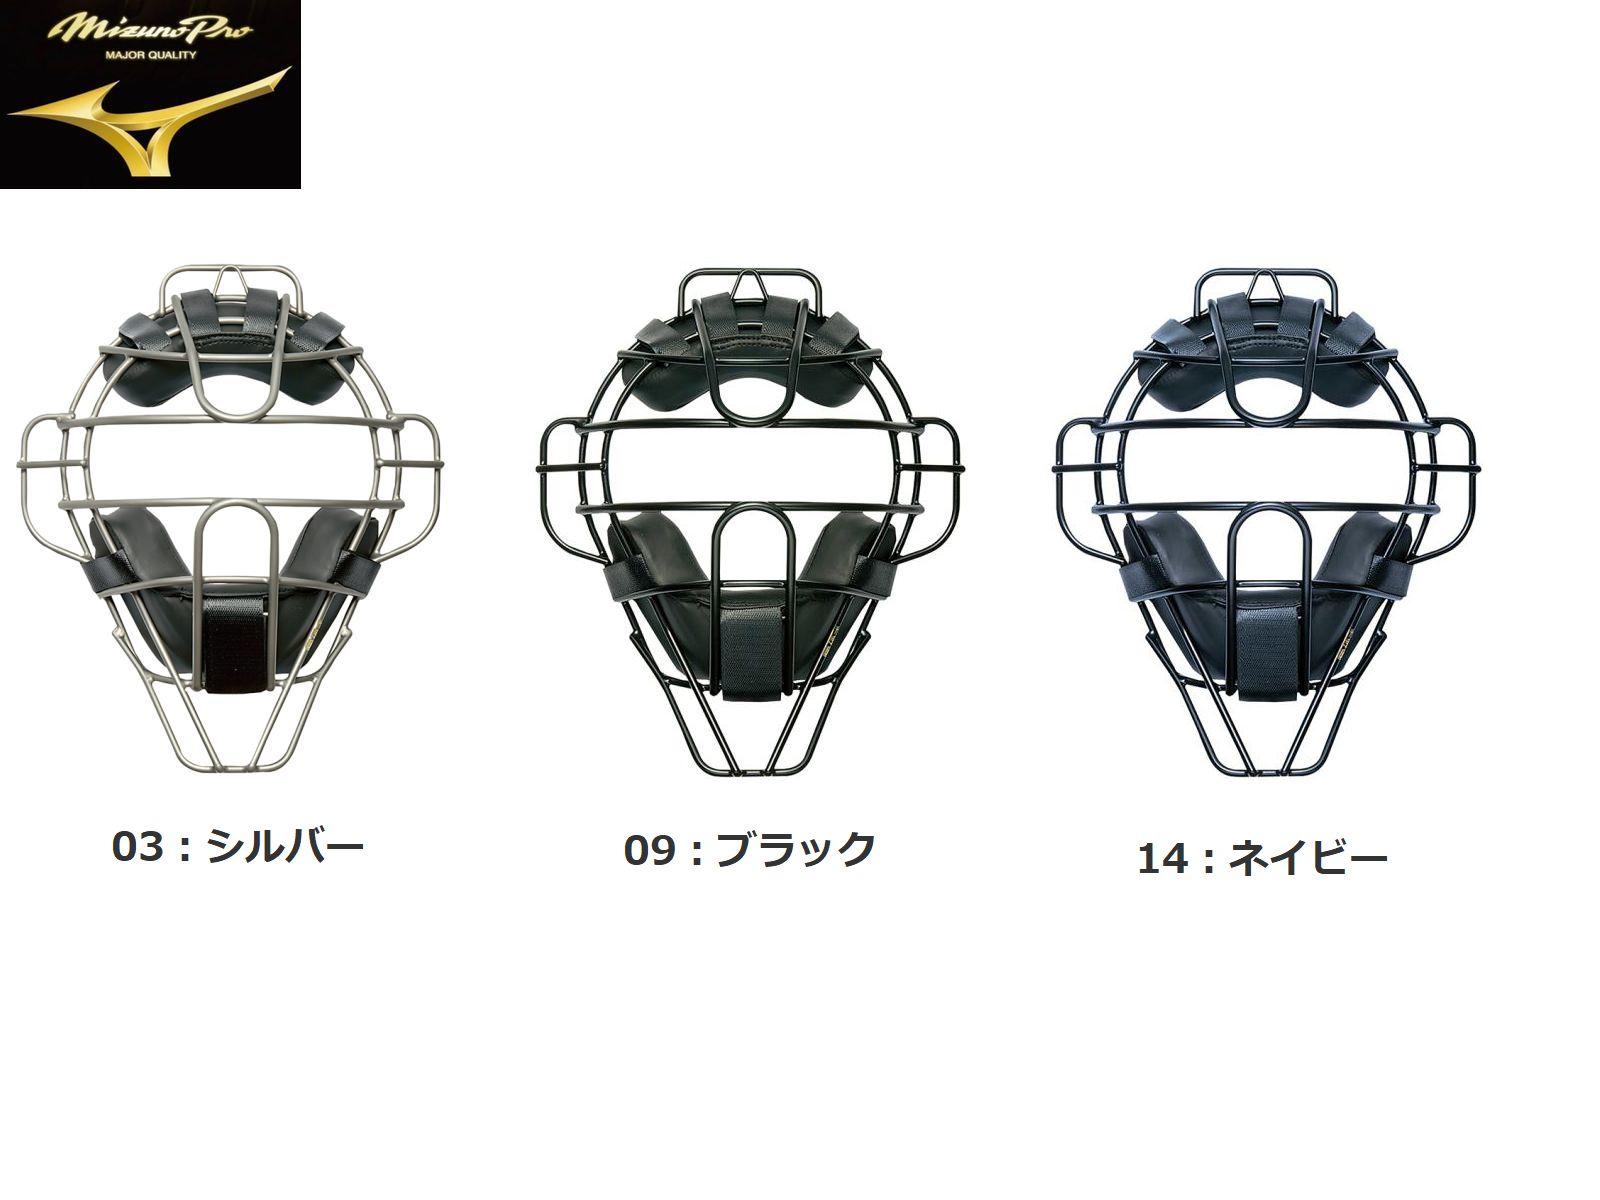 【Mizuno Pro=ミズノプロ】野球硬式・ソフトボール用キャッチャー用/審判用 マスク【シルバー】【ブラック】【ネイビー】野球 ベースボール BASEBALL ソフトボール SOFTBALL